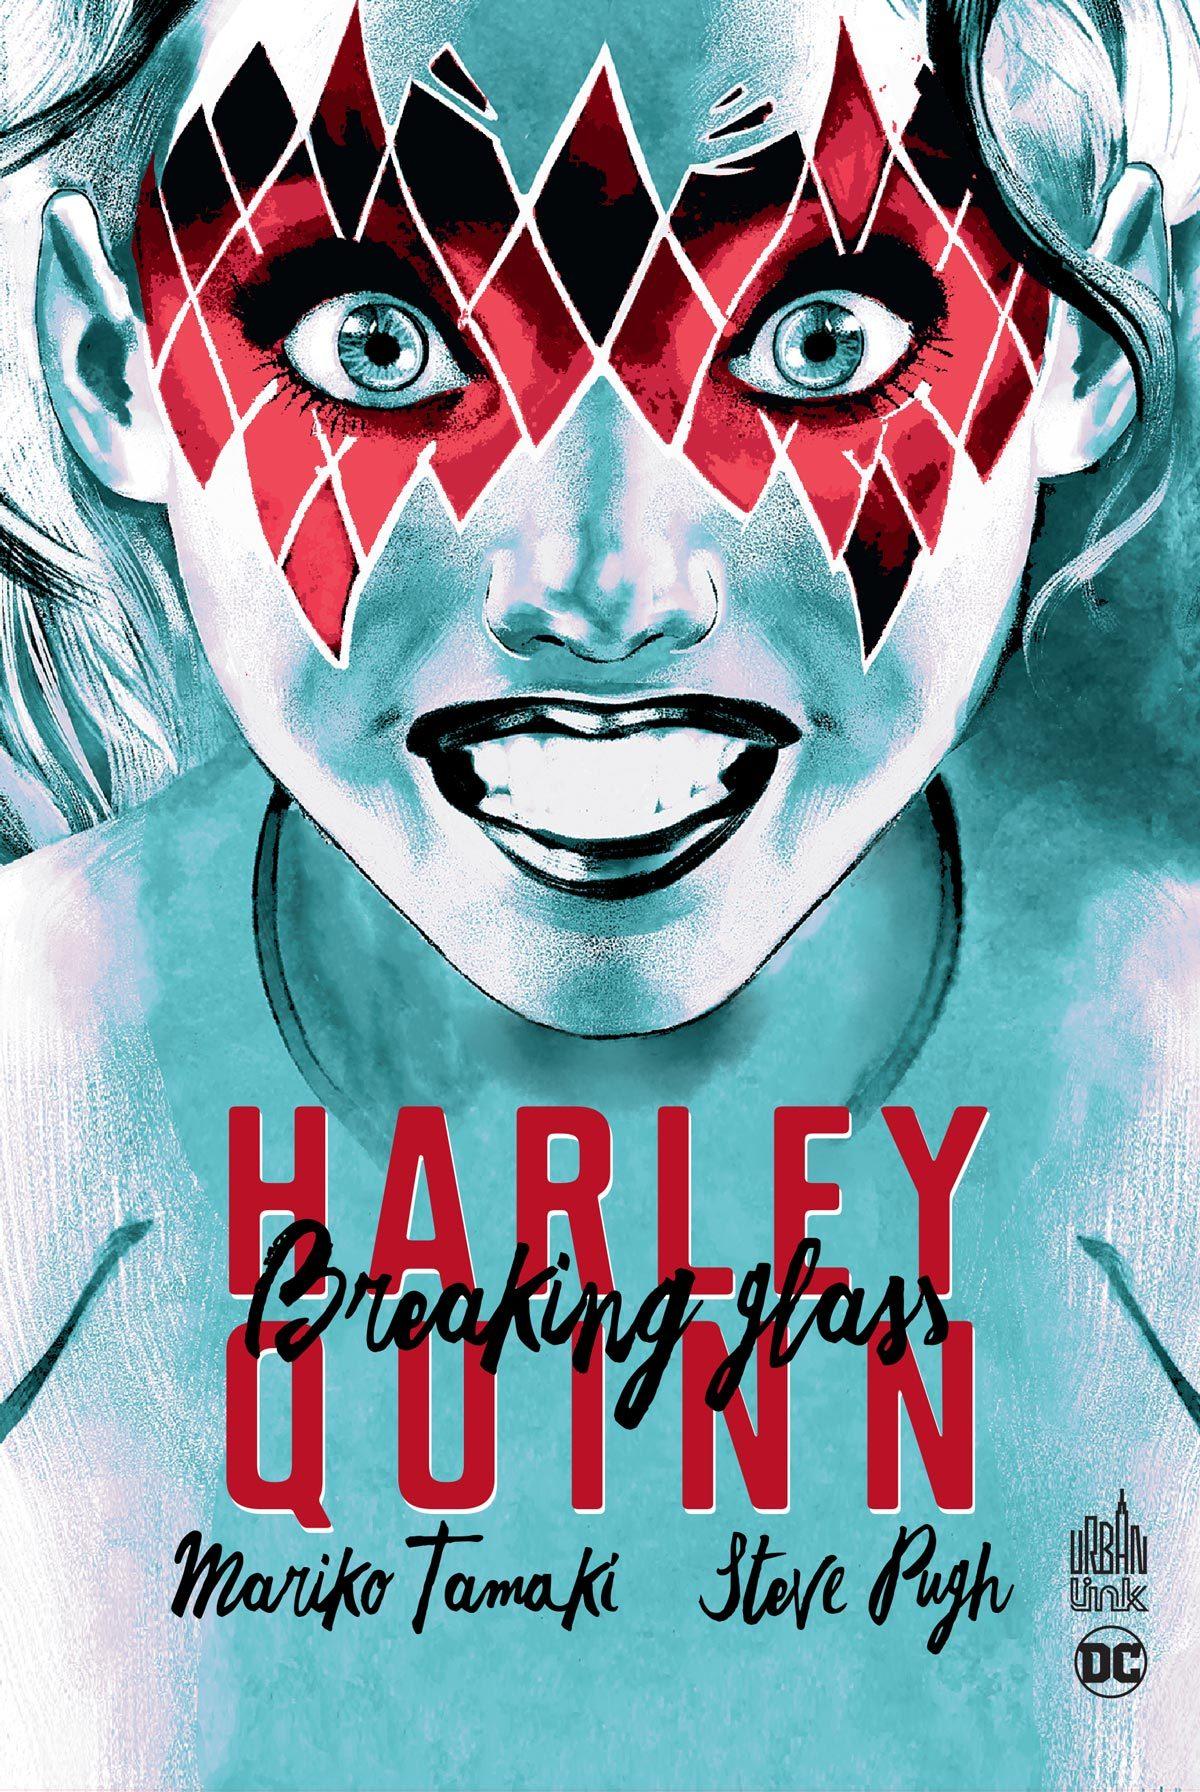 HARLEY QUINN-BREAKING GLASS - HARLEY QUINN - BREAKING GLASS